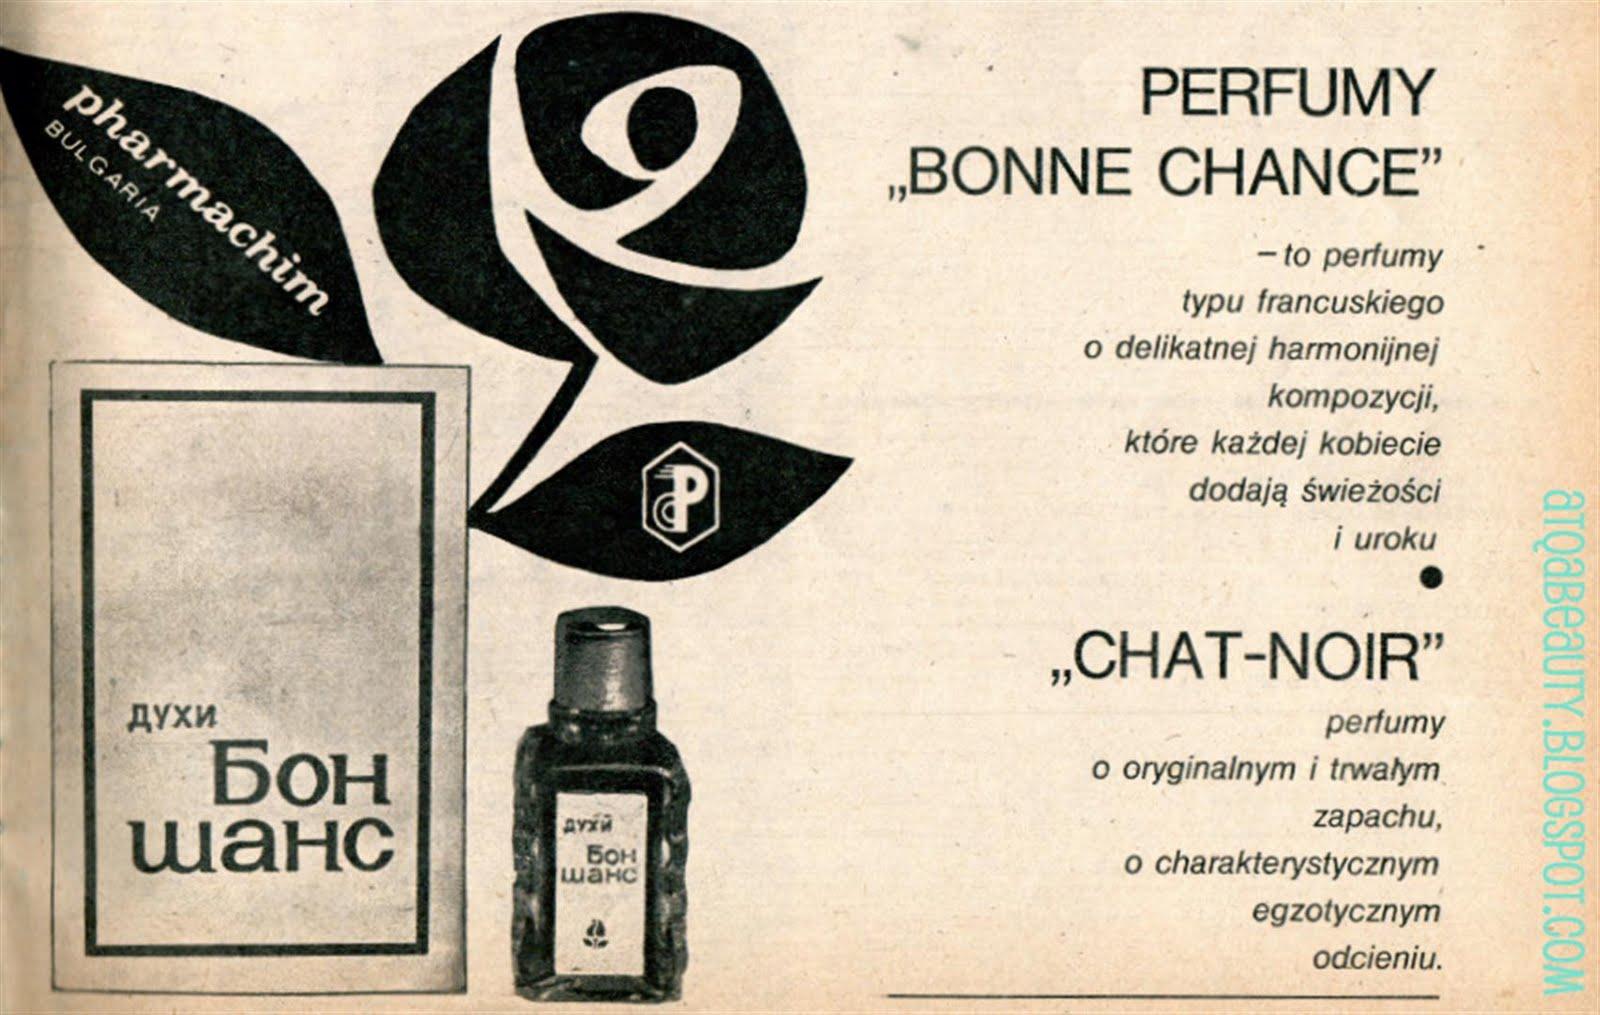 Retro :: Perfumy typu francuskiego